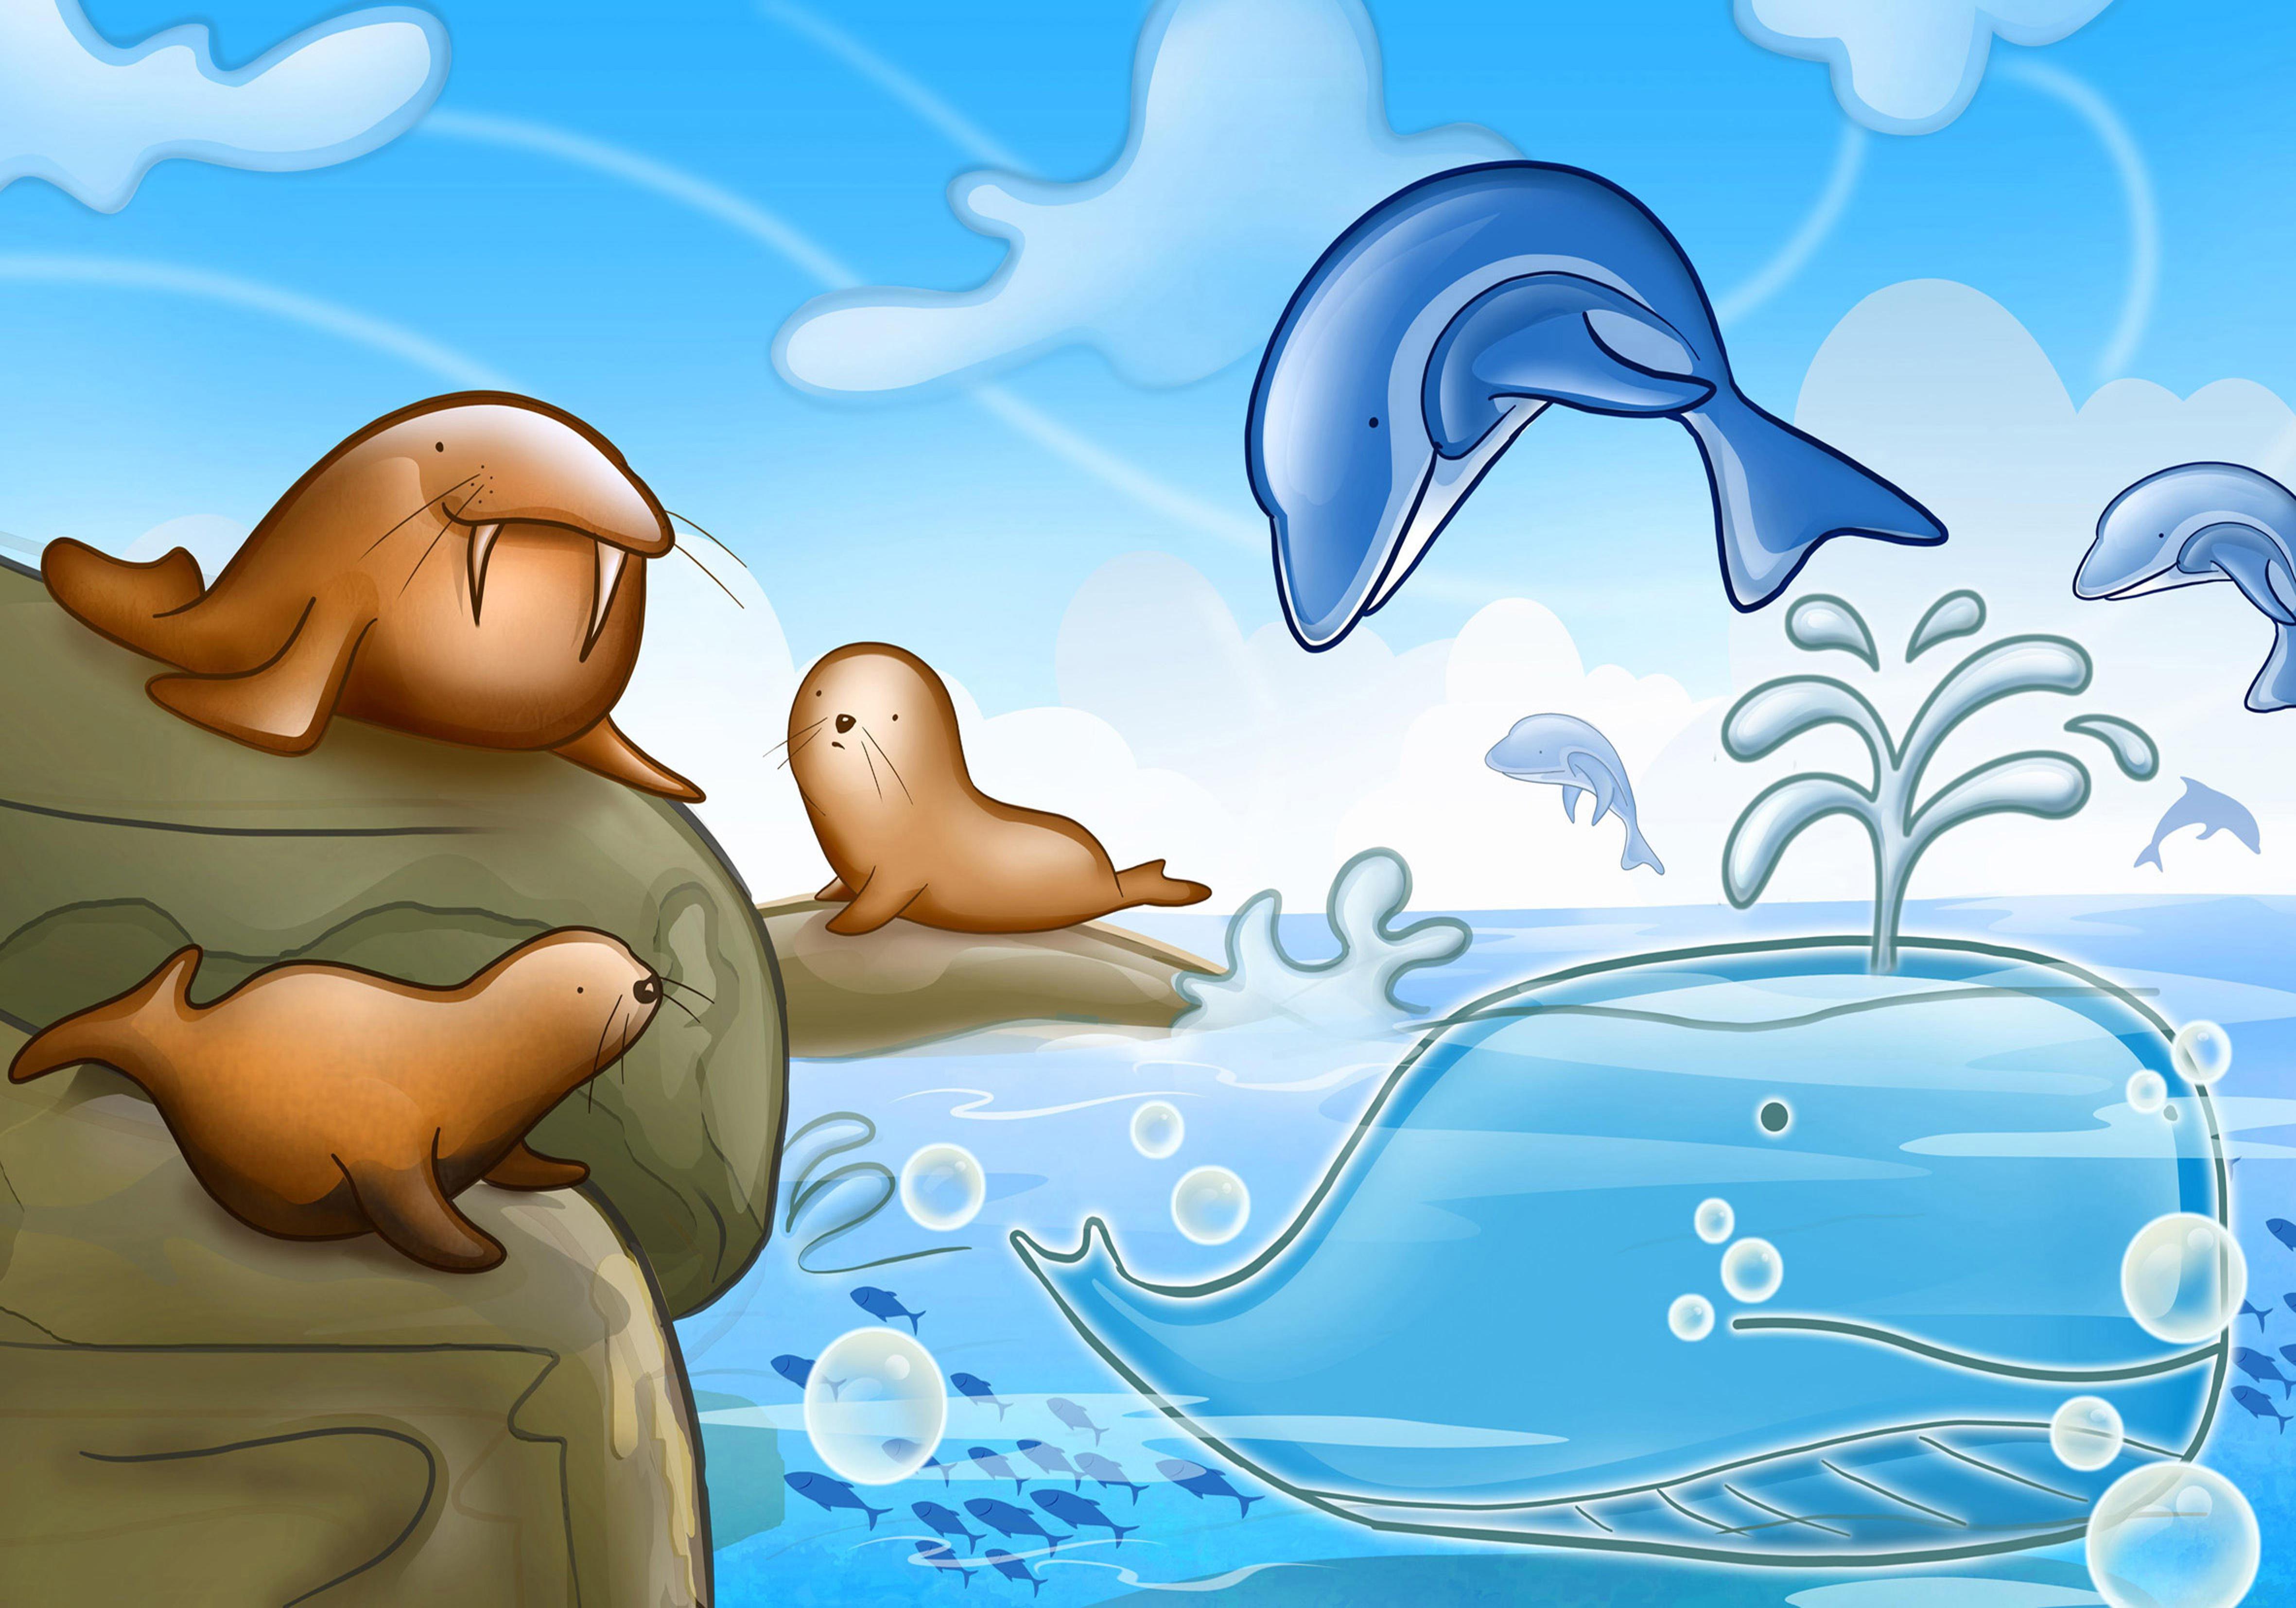 толку картинки мультяшек в воде потому что еще